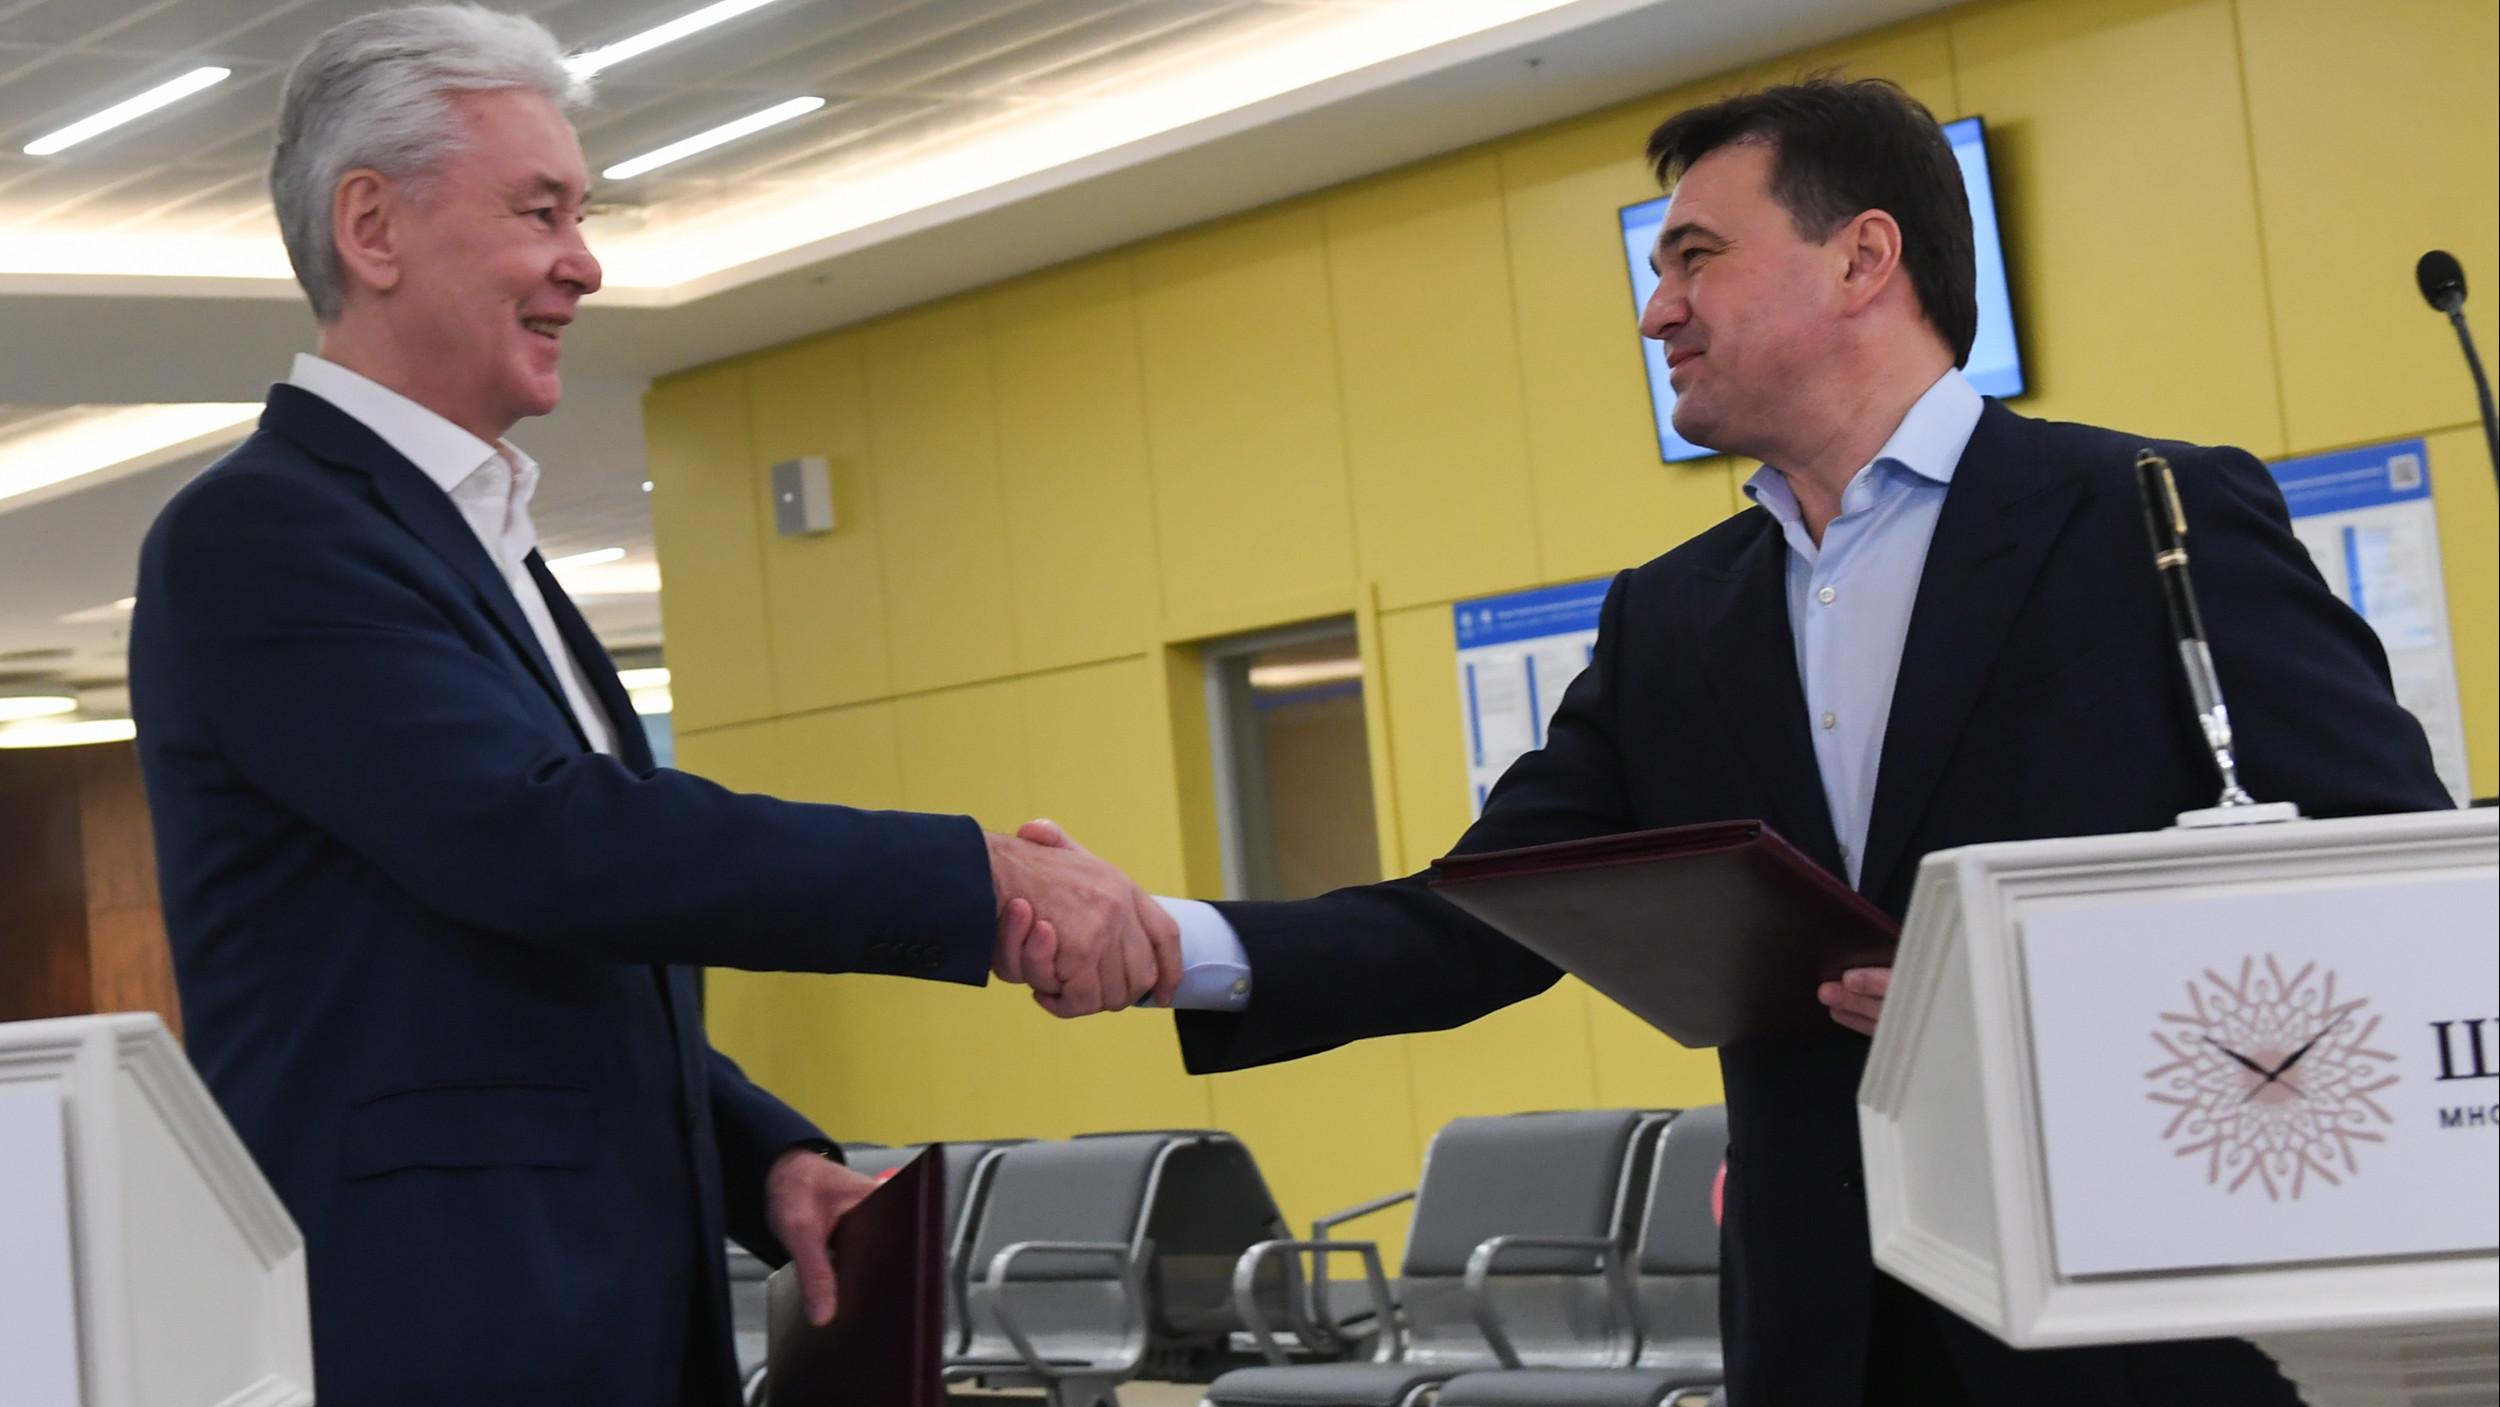 Андрей Воробьев и Сергей Собянин открыли автовокзал «Центральный» после реконструкции